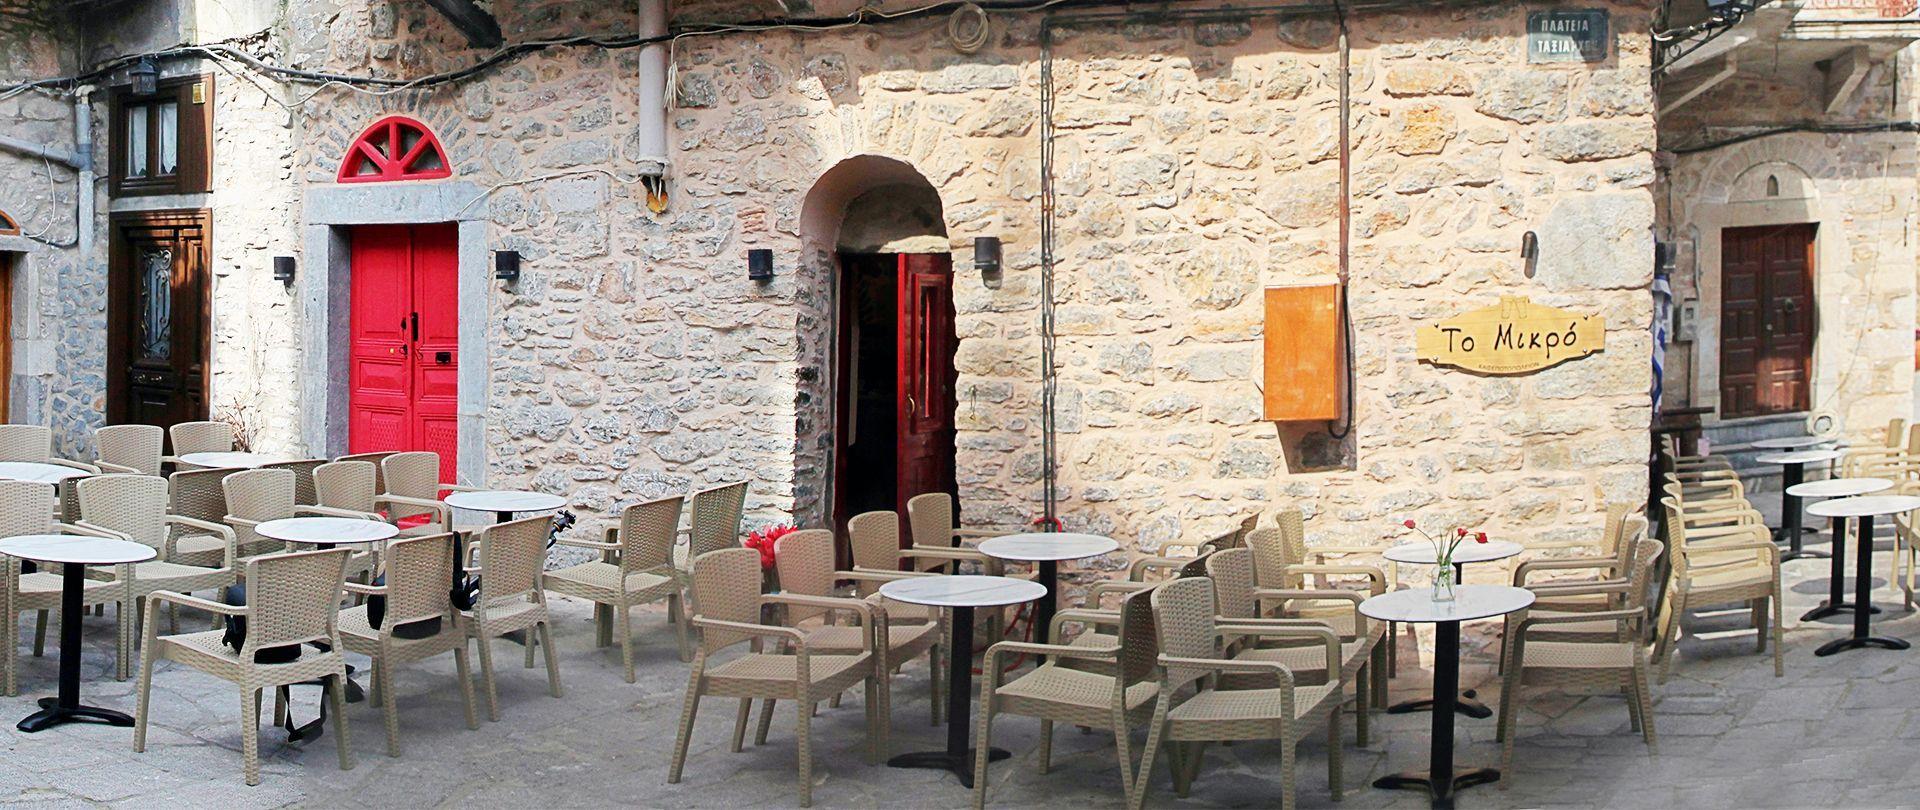 Το Μικρό - καφεποτοπωλείο στα Μεστά